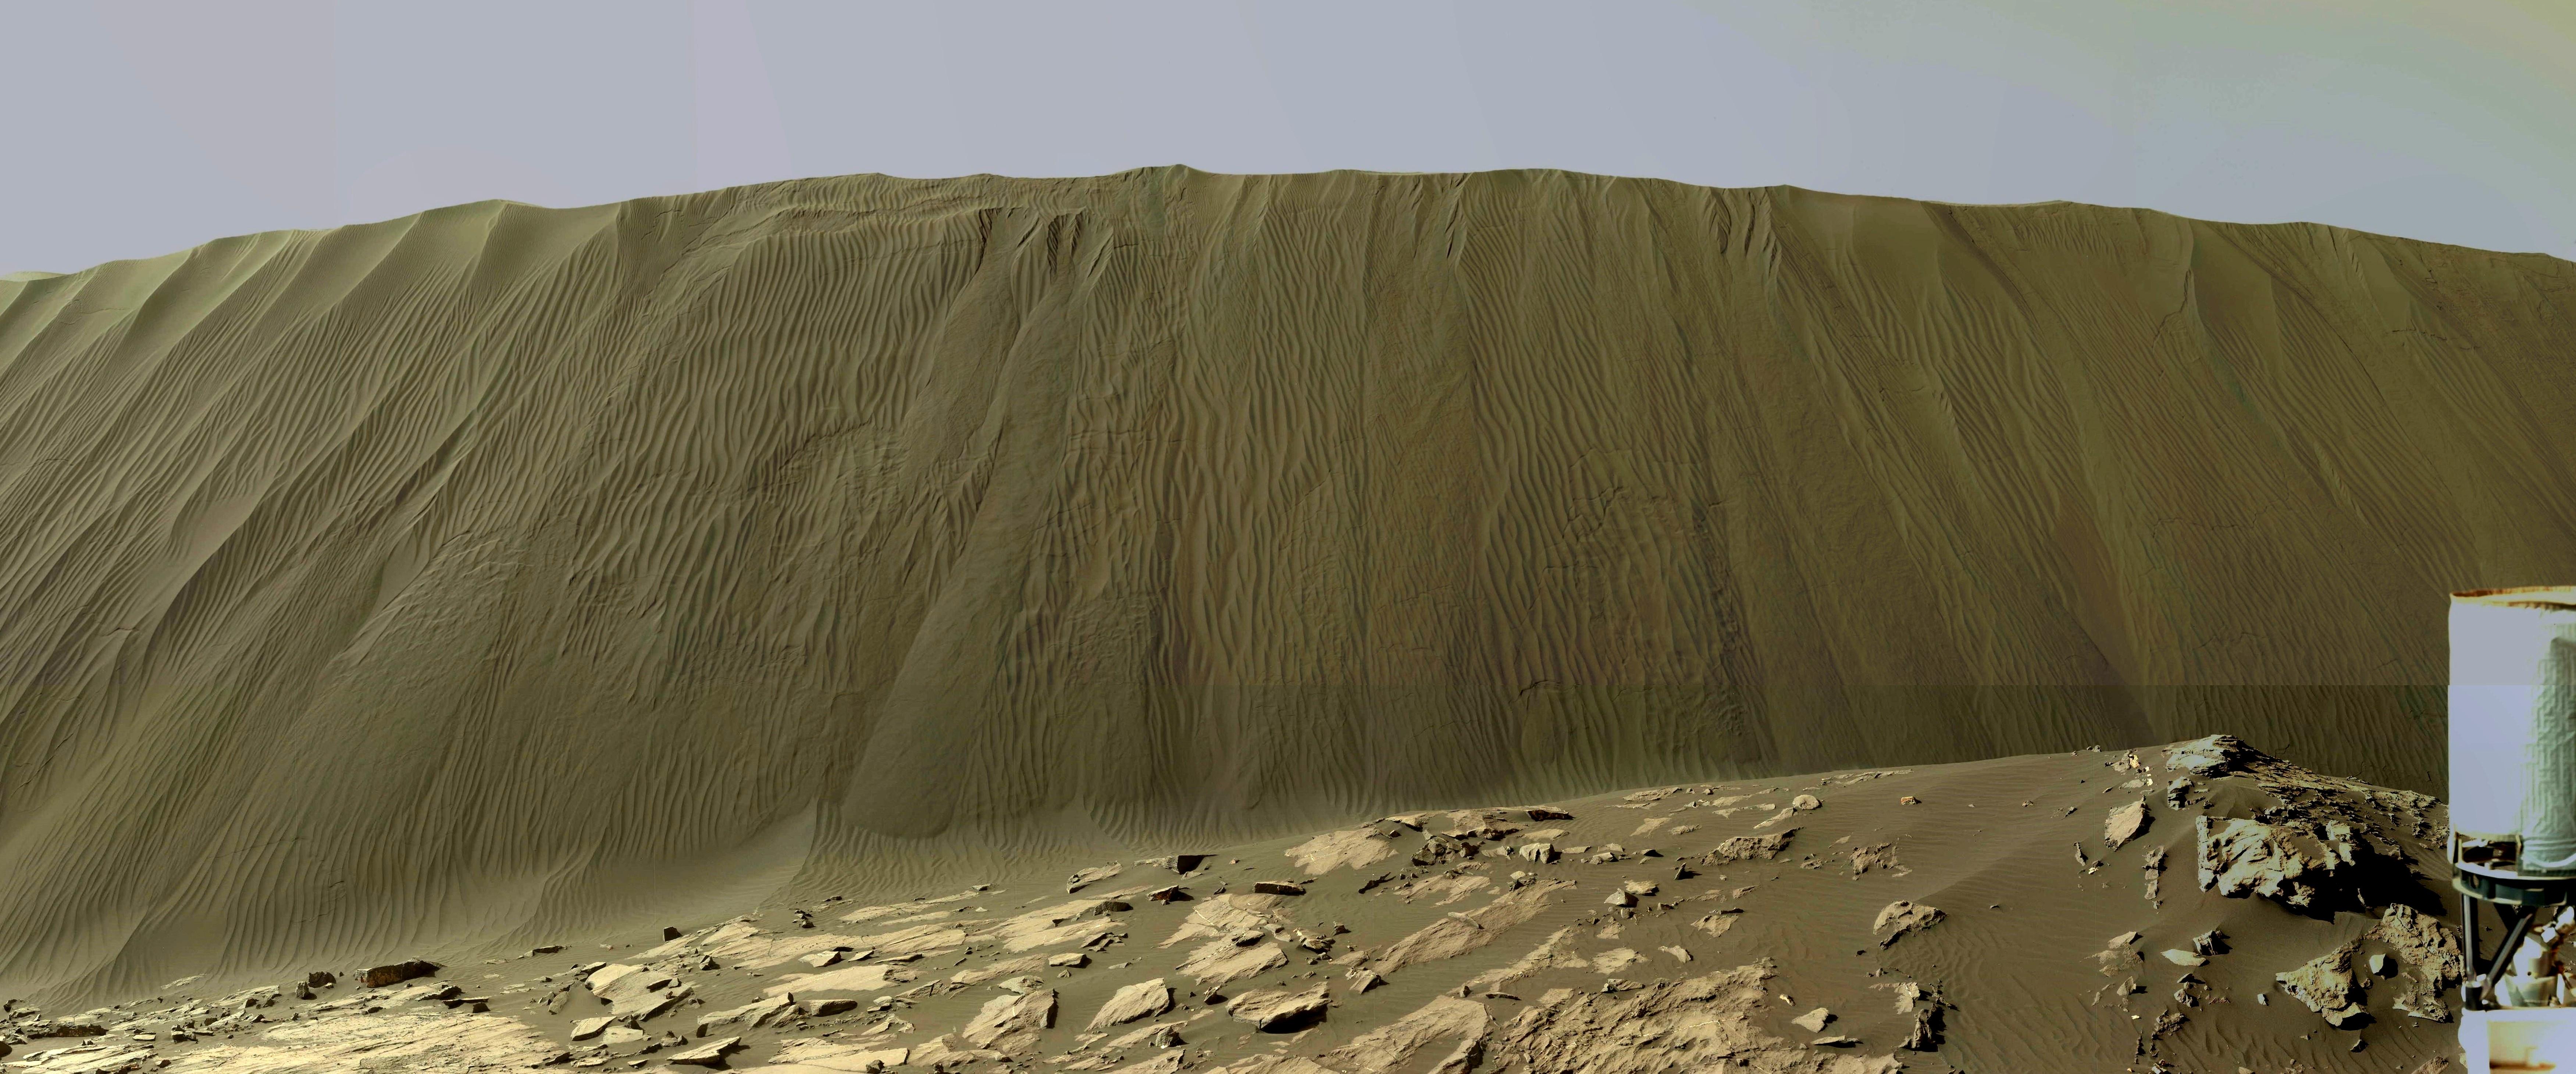 15 12 19 dune namib trois quarts contr